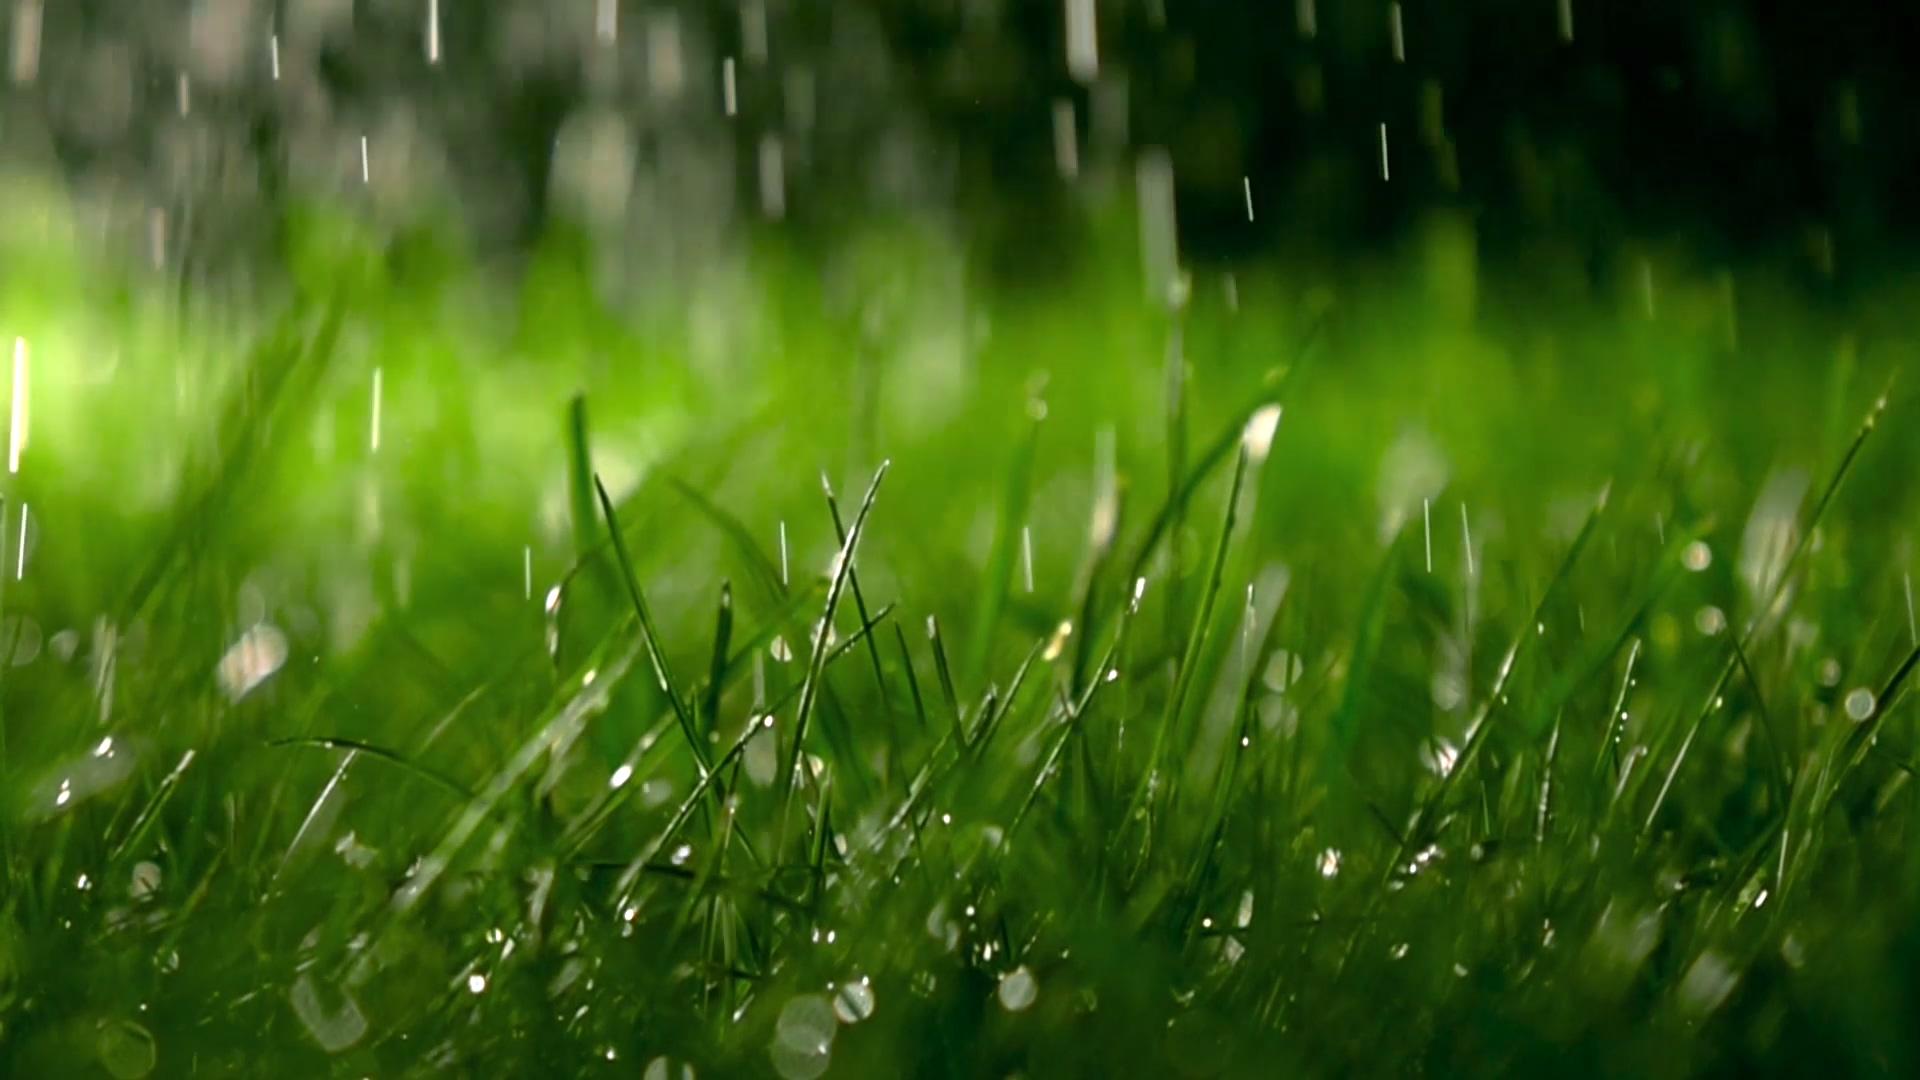 下雨草地视频素材